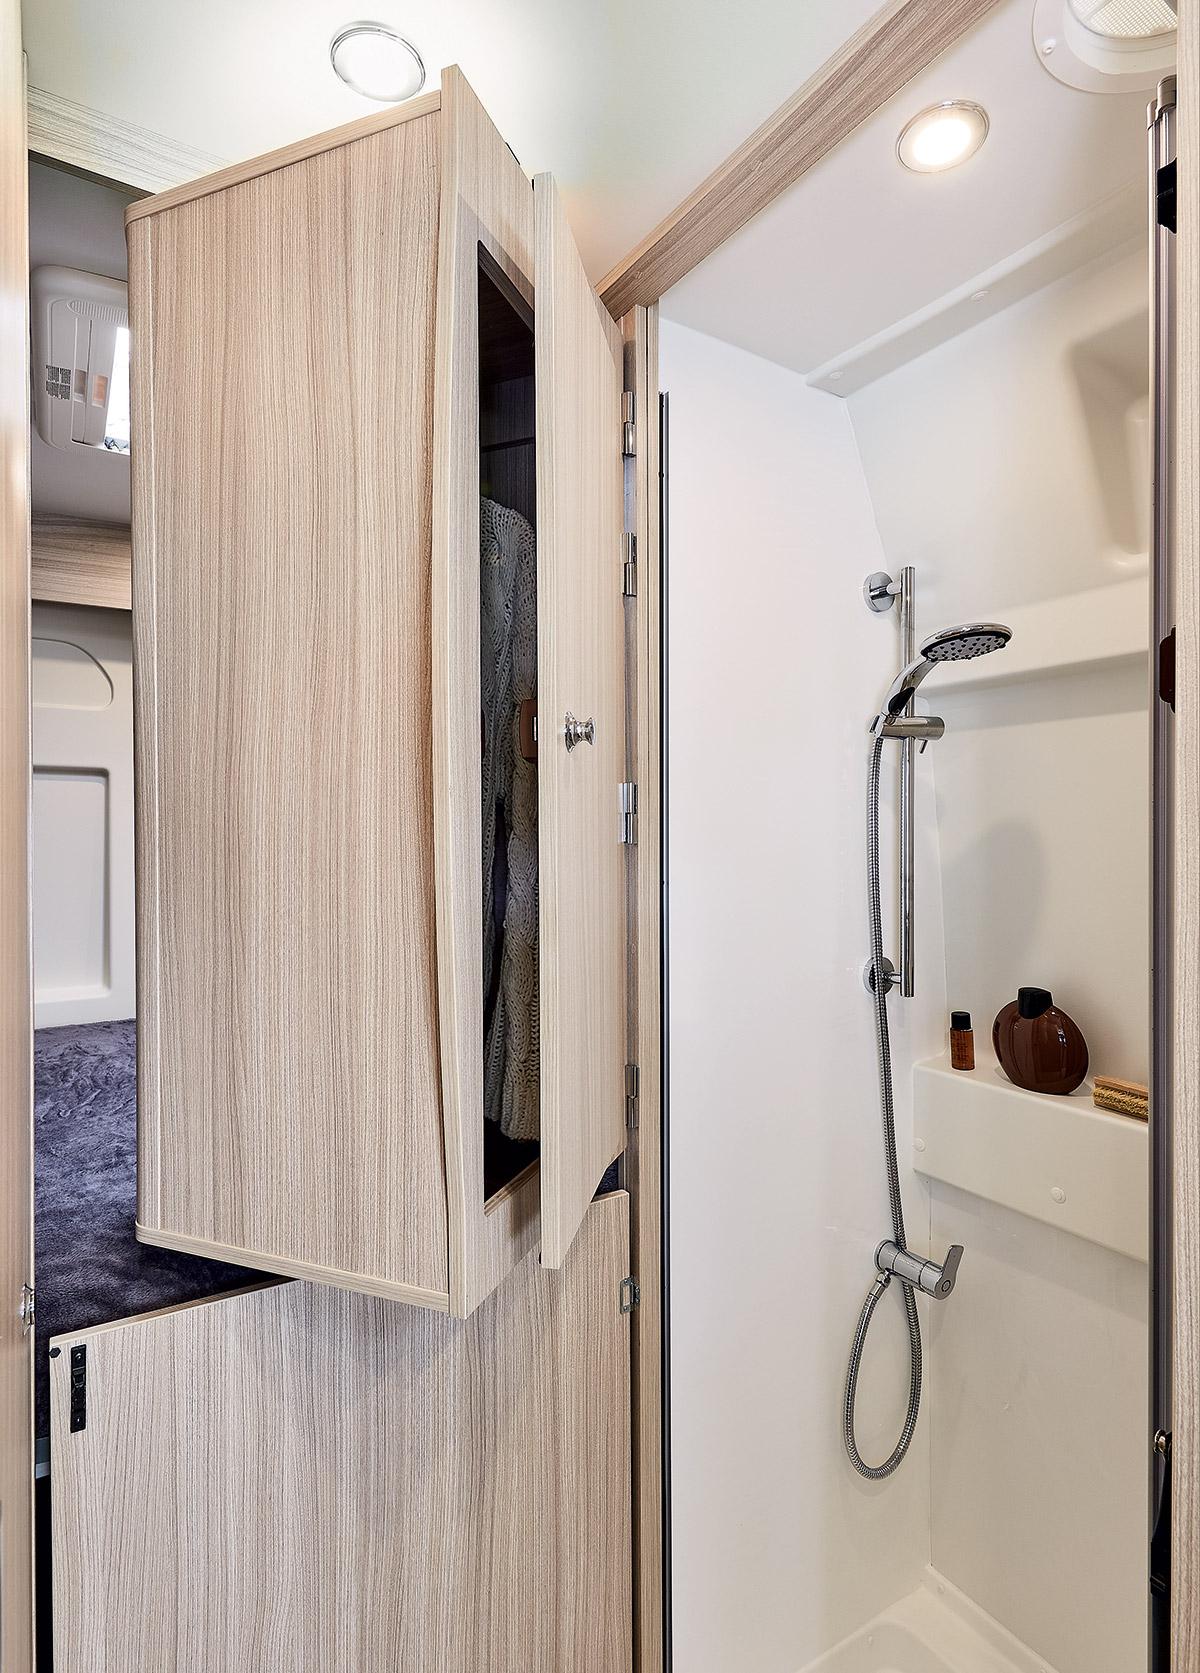 Van 20 places, penderie et salle de bain, fourgon aménagé modulable